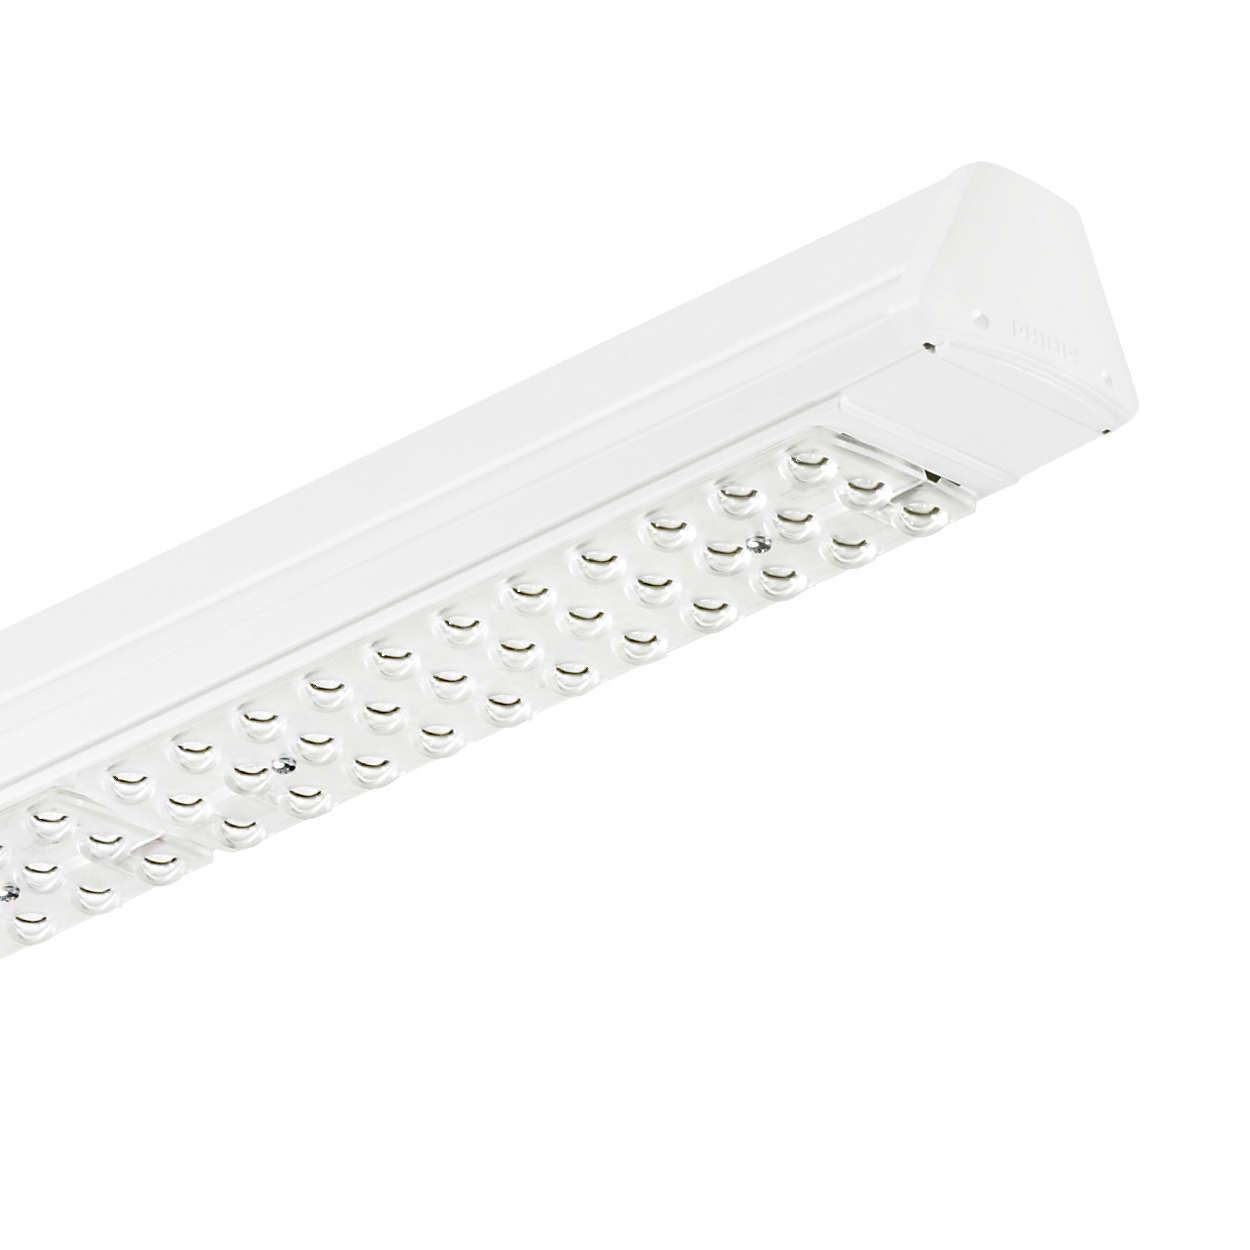 Maxos LED: solución innovadora y flexible que proporciona la potencia lumínica ideal